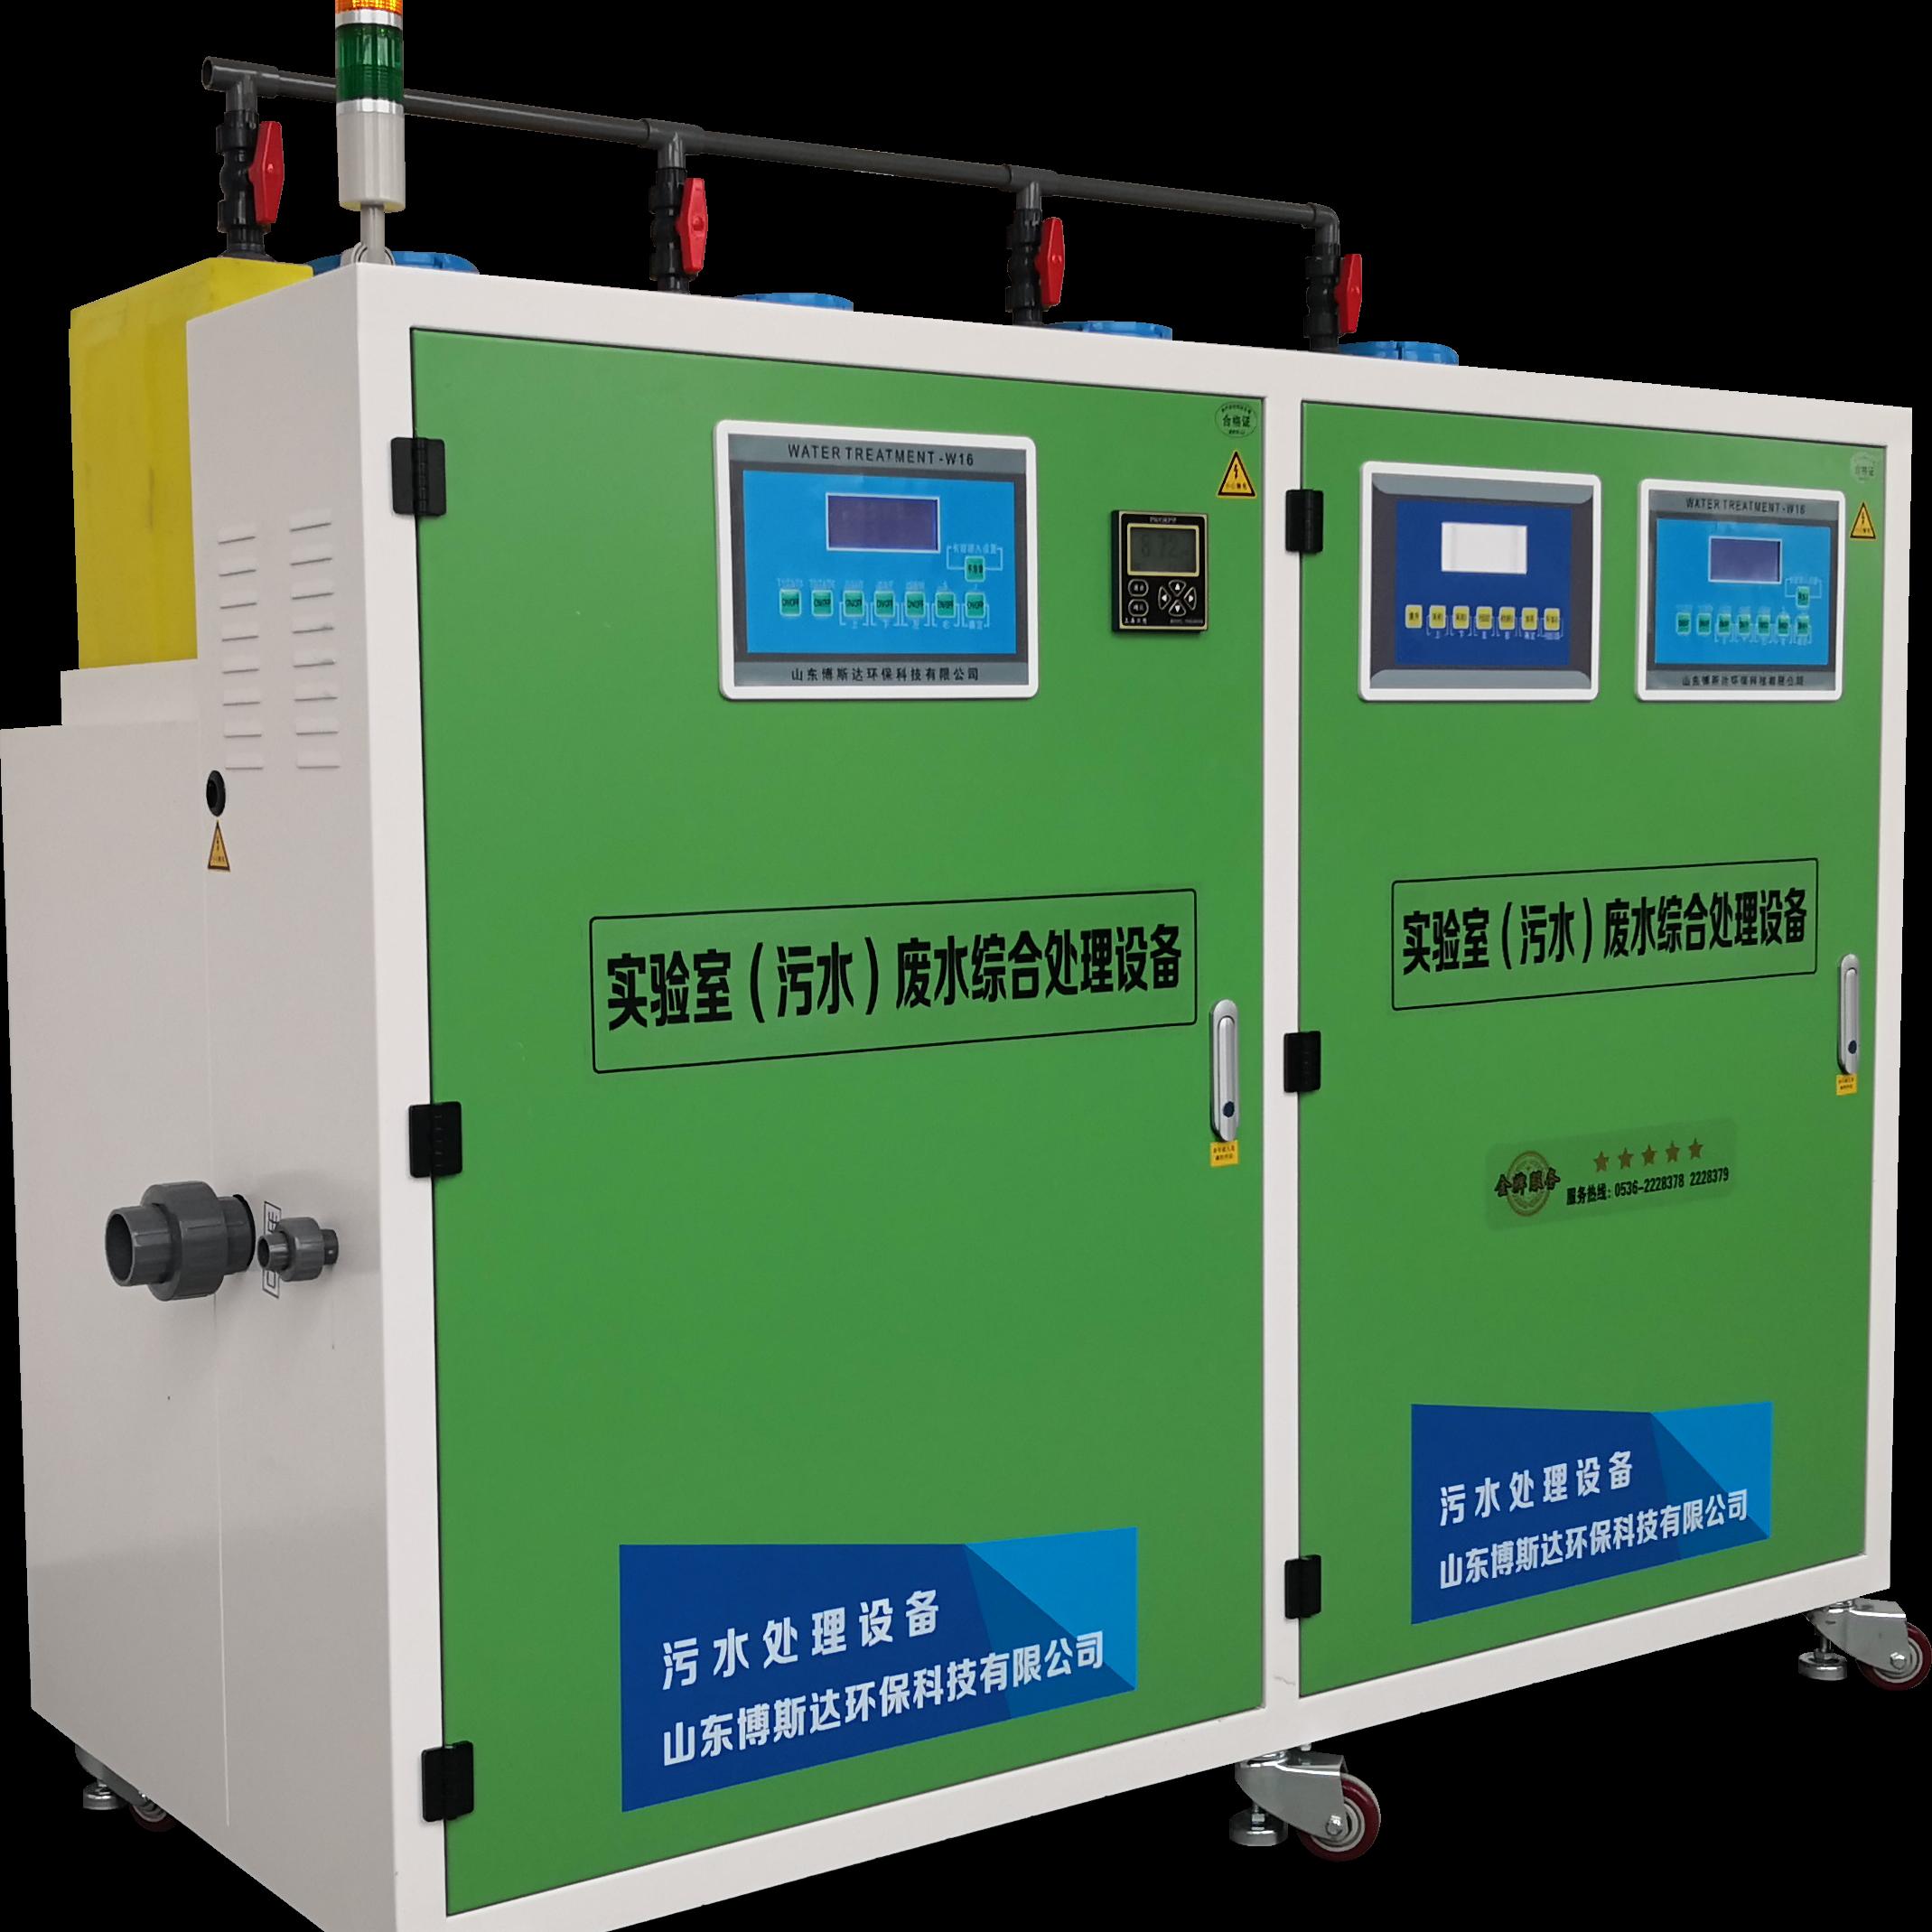 实验室污水综合处理设备  混合方式